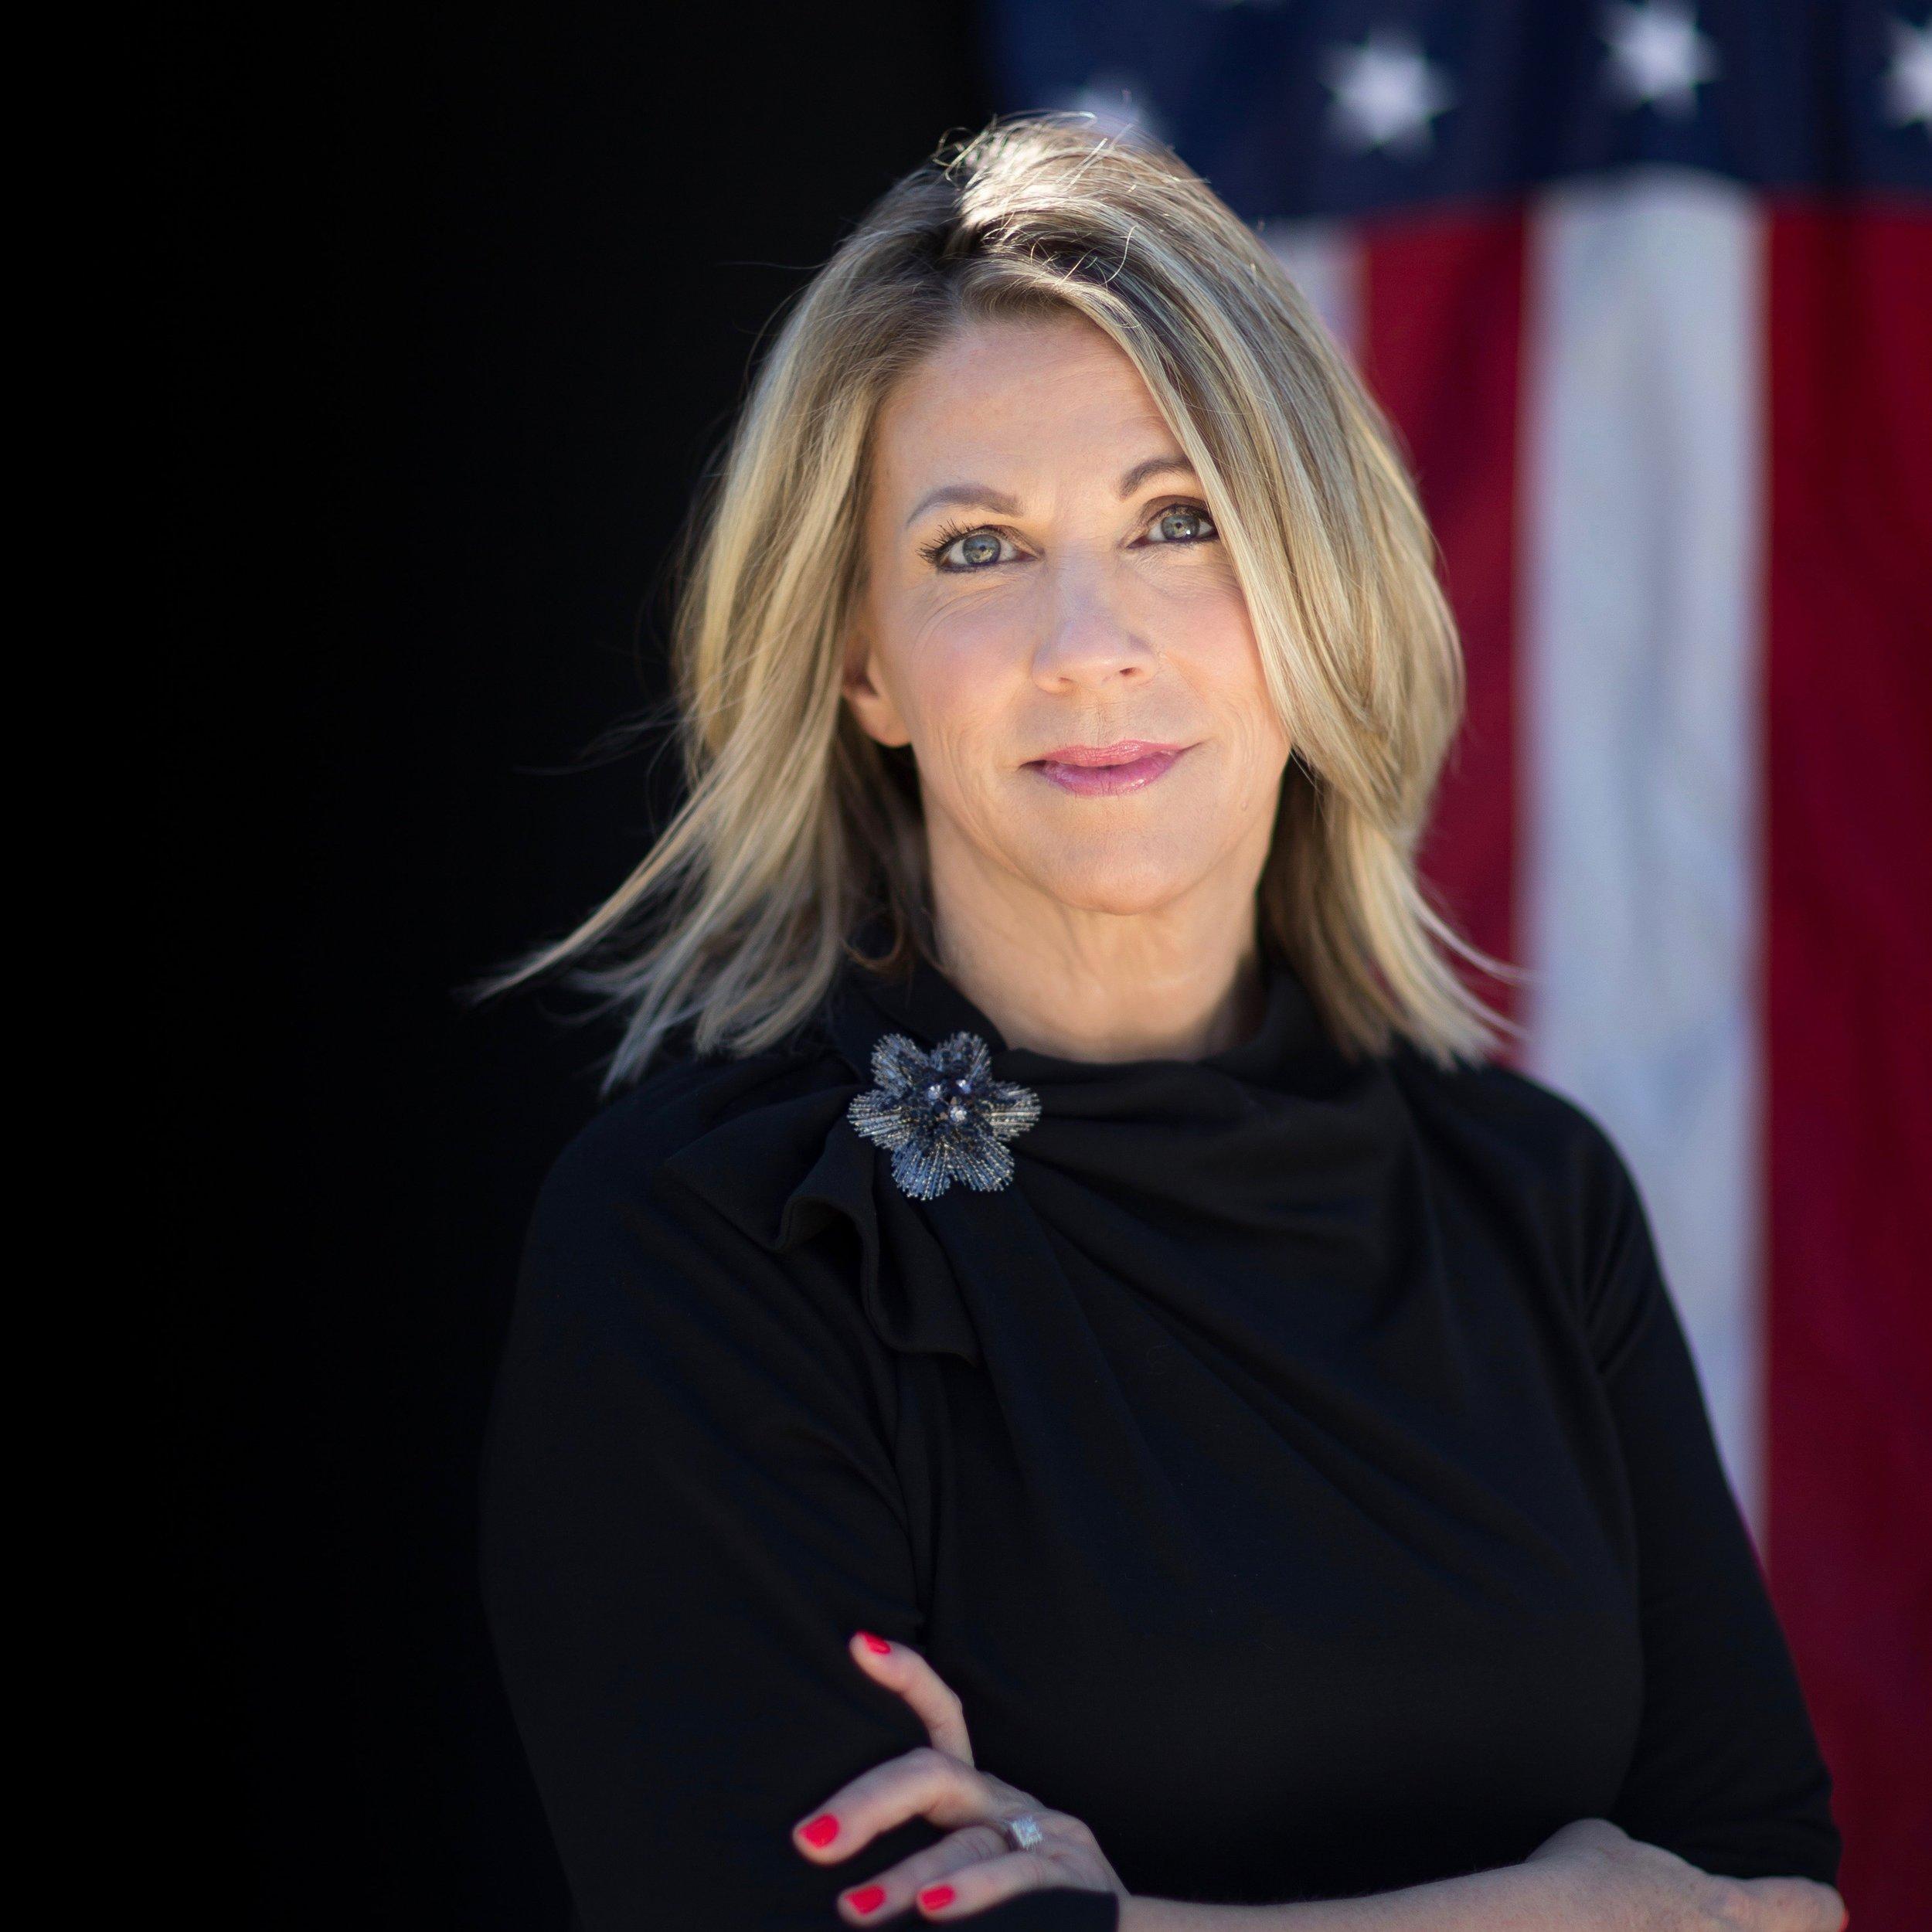 Karen Vaughn - Executive Board Member